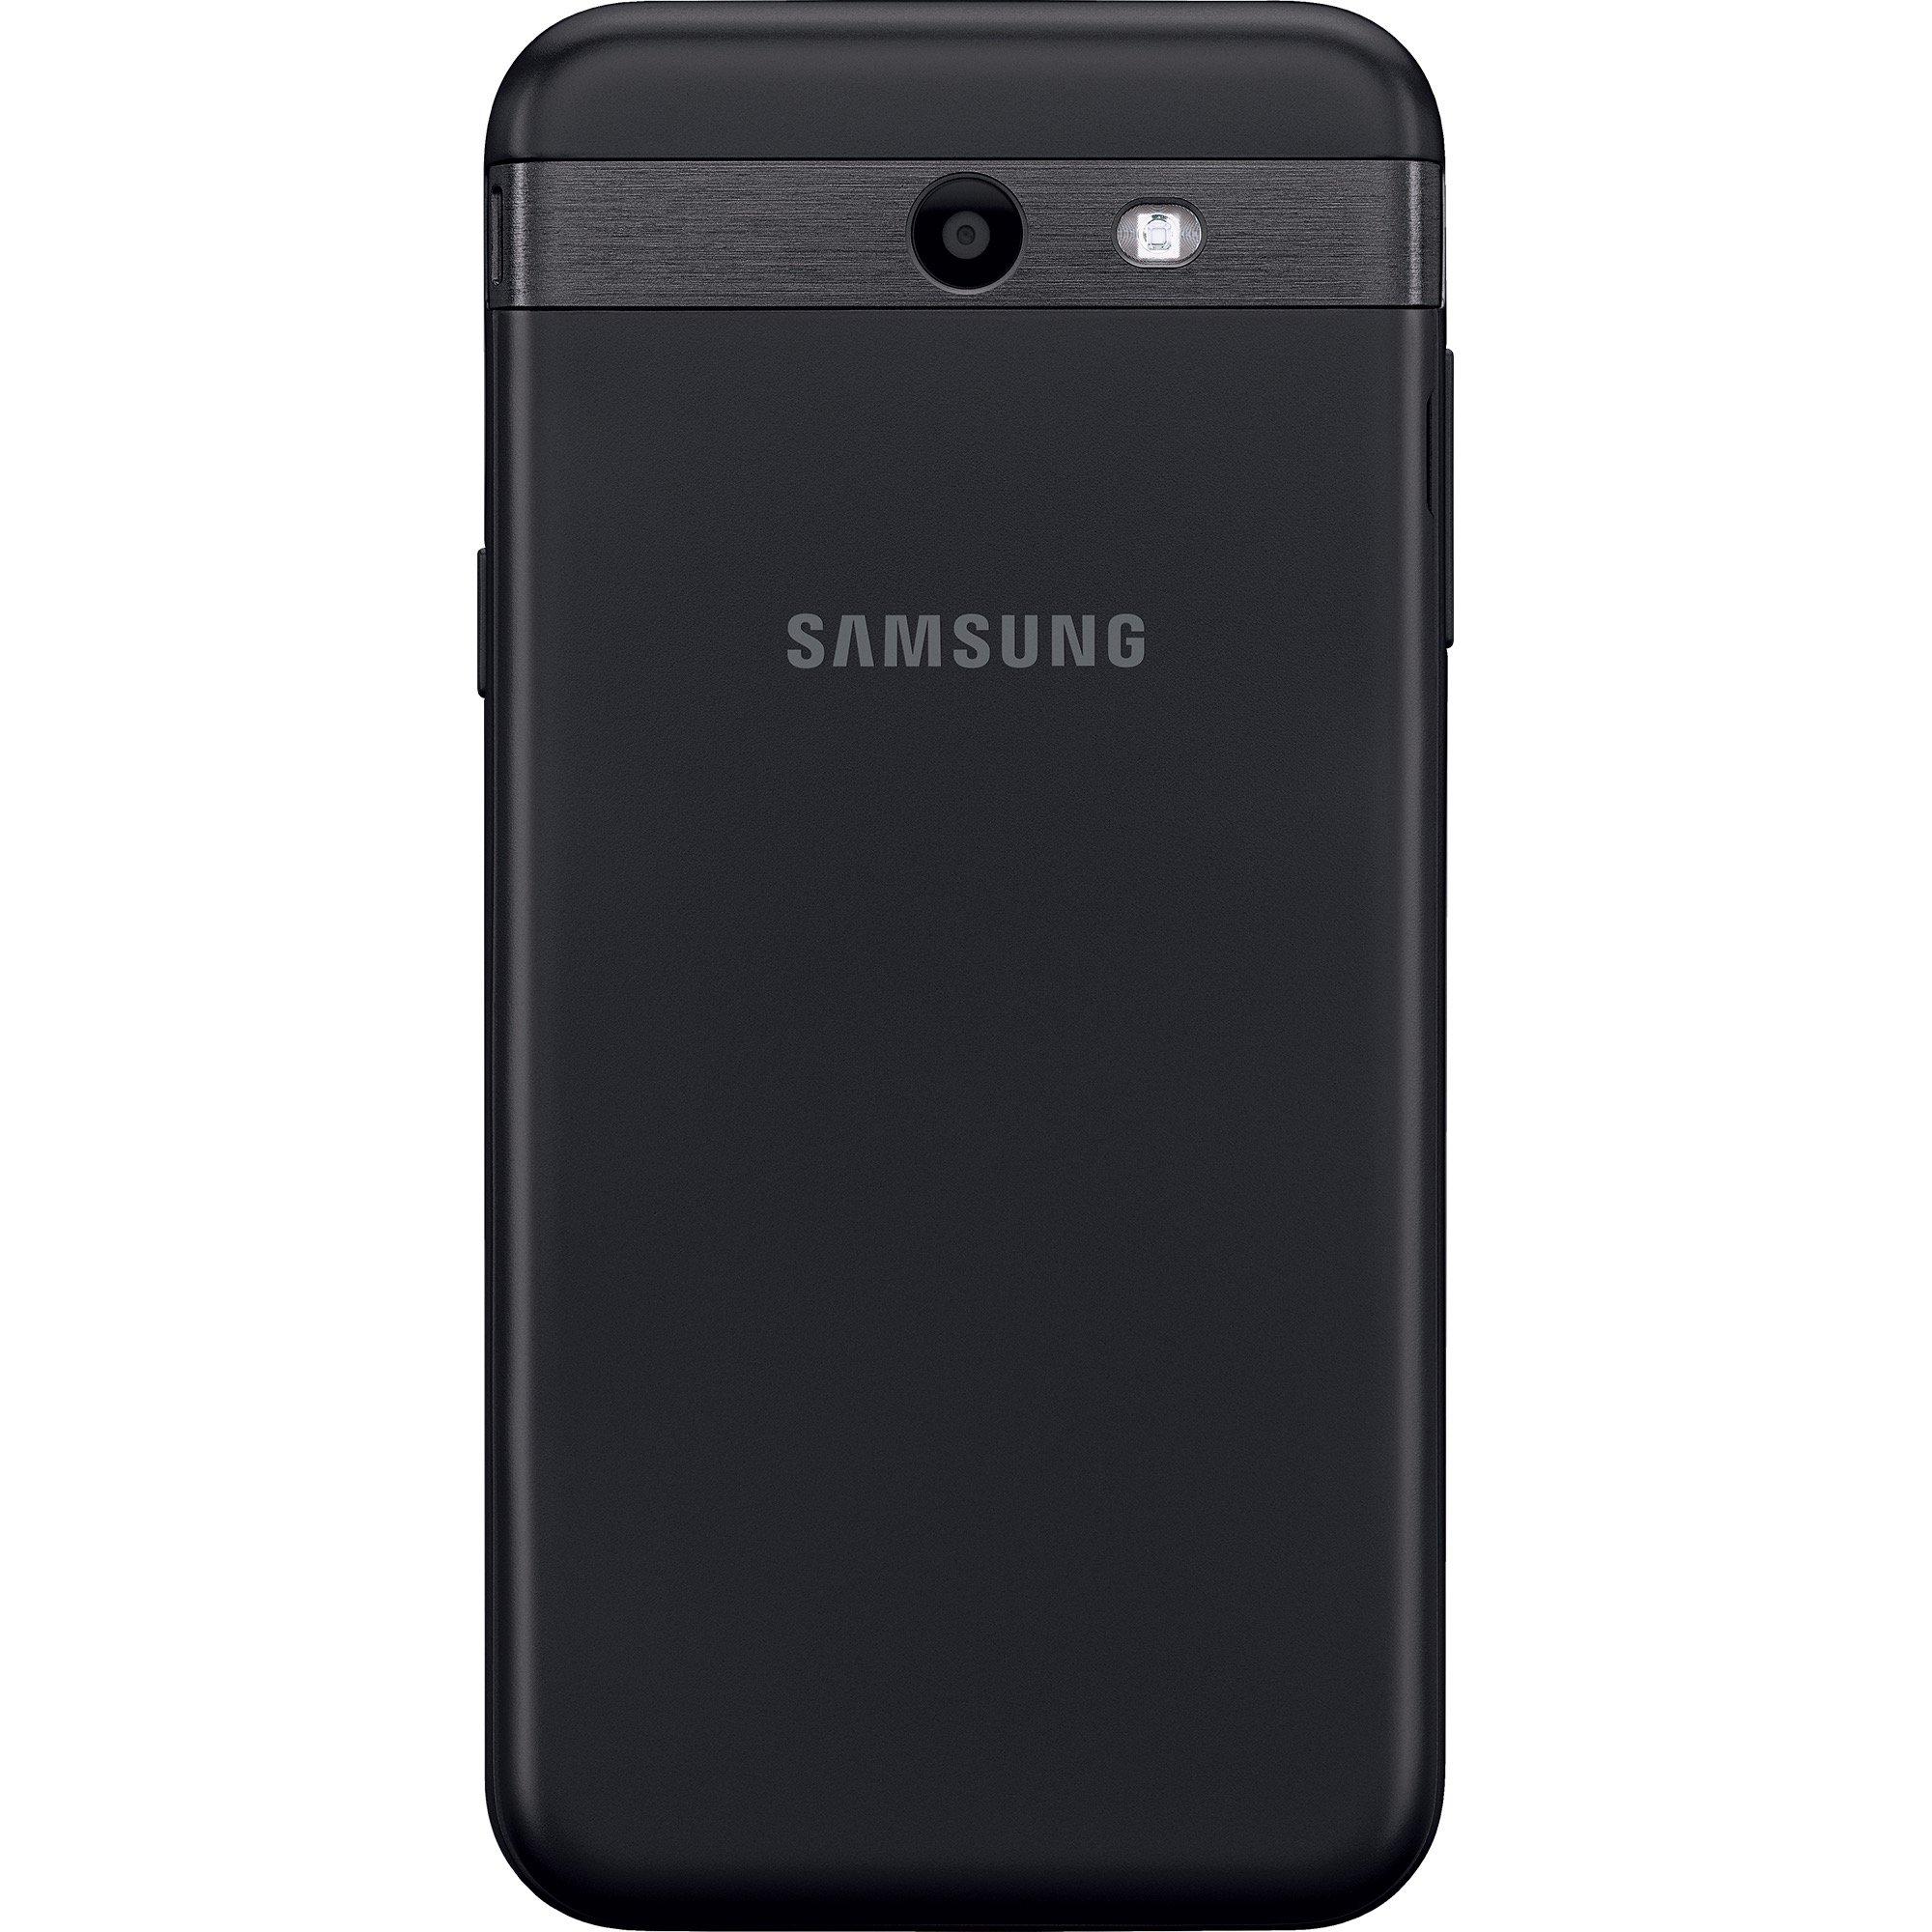 TracFone Samsung Galaxy Pro J3 Luna 4G LTE Smartphone con Prepaid Exclusiva del Amazonas Gratis $ 40 de Tiempo de Uso Bundle: Amazon.es: Electrónica